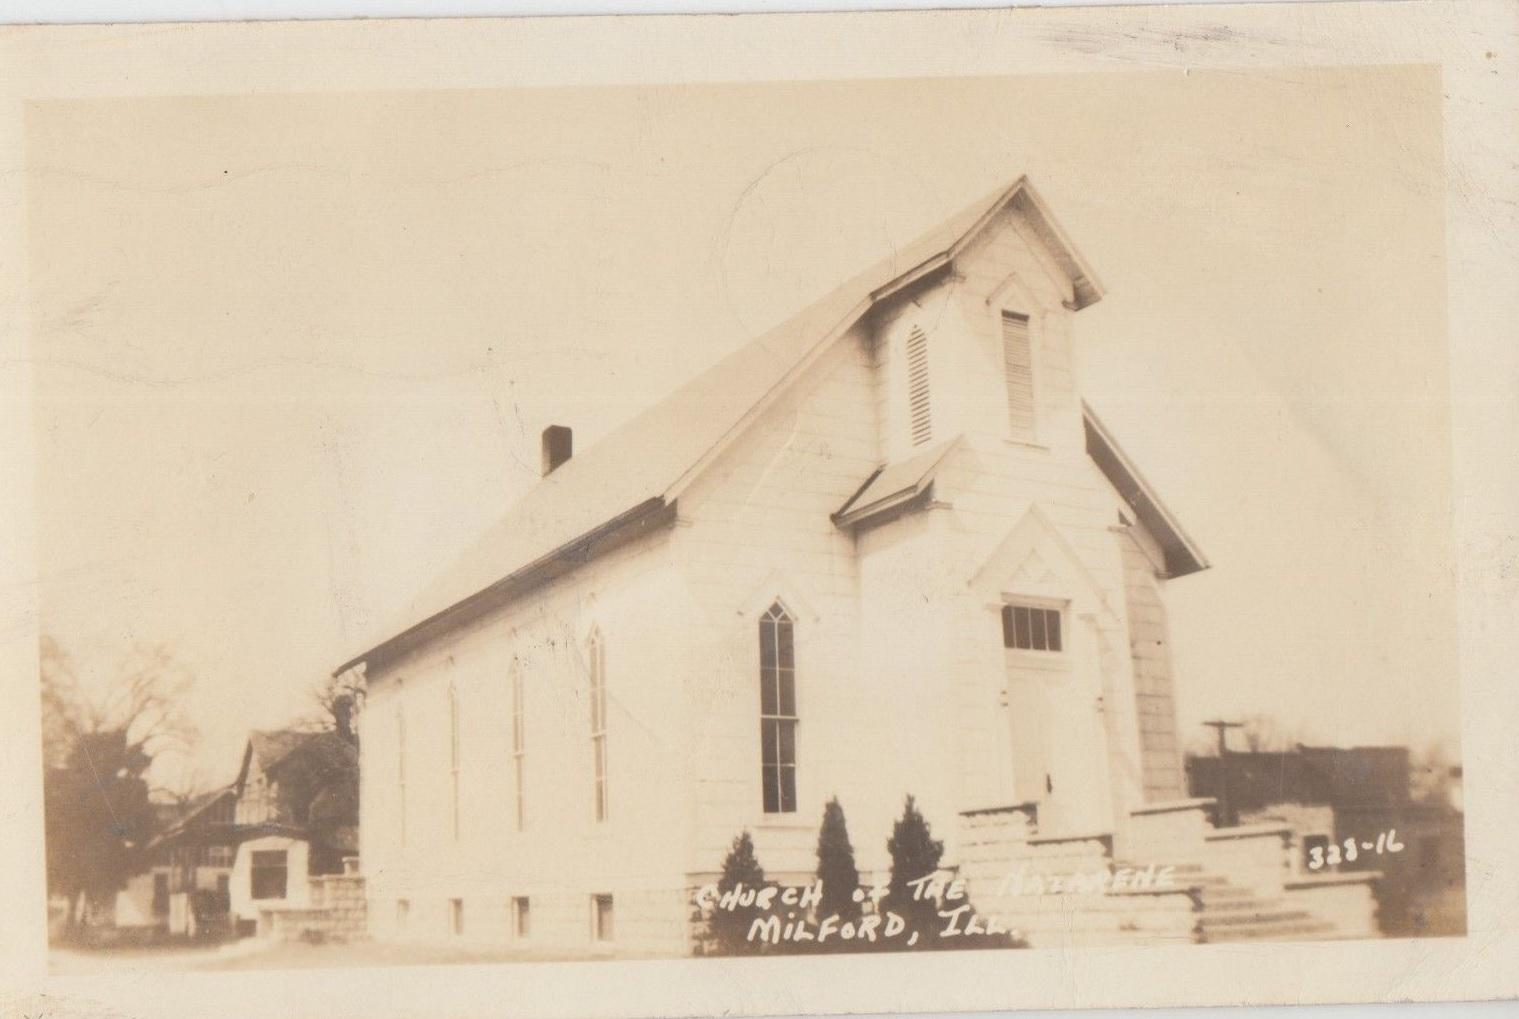 Iowa City Church Of The Nazarene